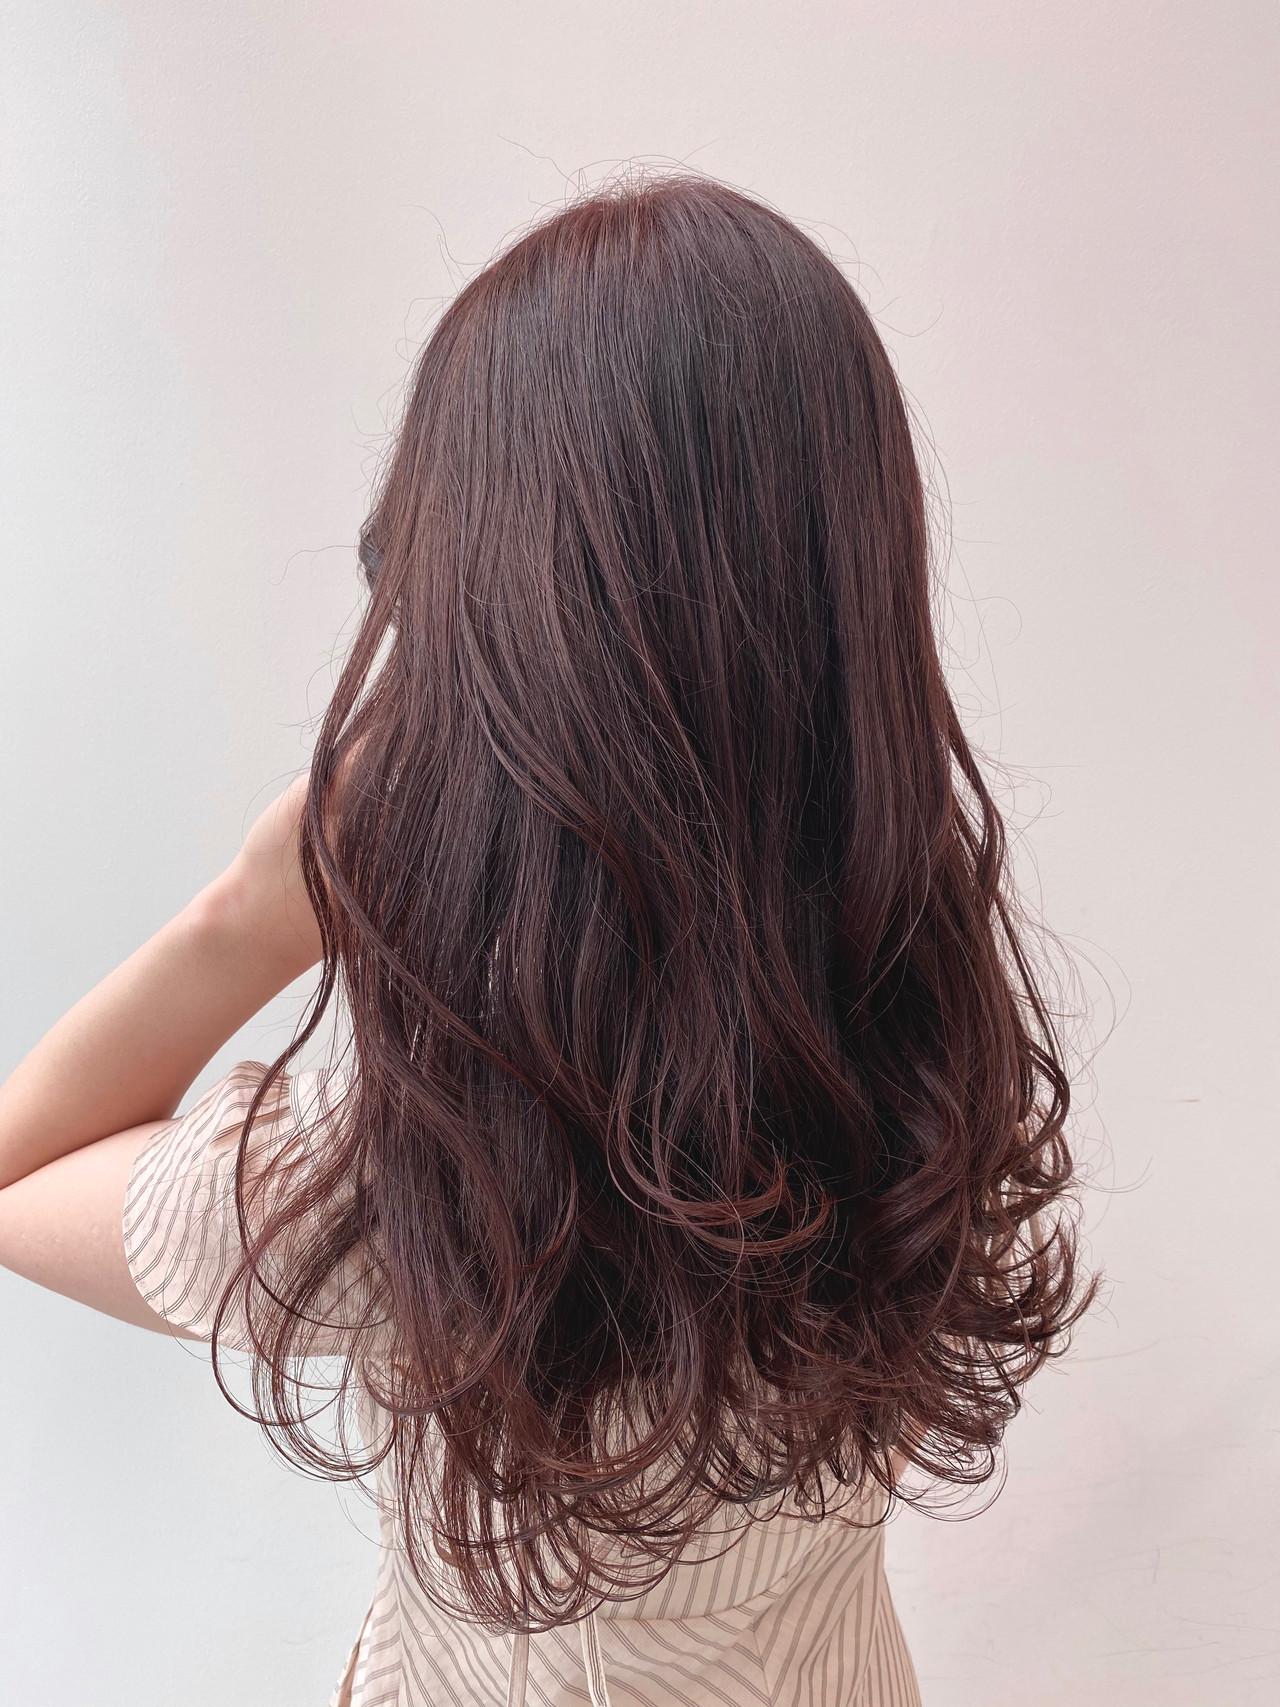 ナチュラル ロング チェリーピンク ショコラブラウン ヘアスタイルや髪型の写真・画像